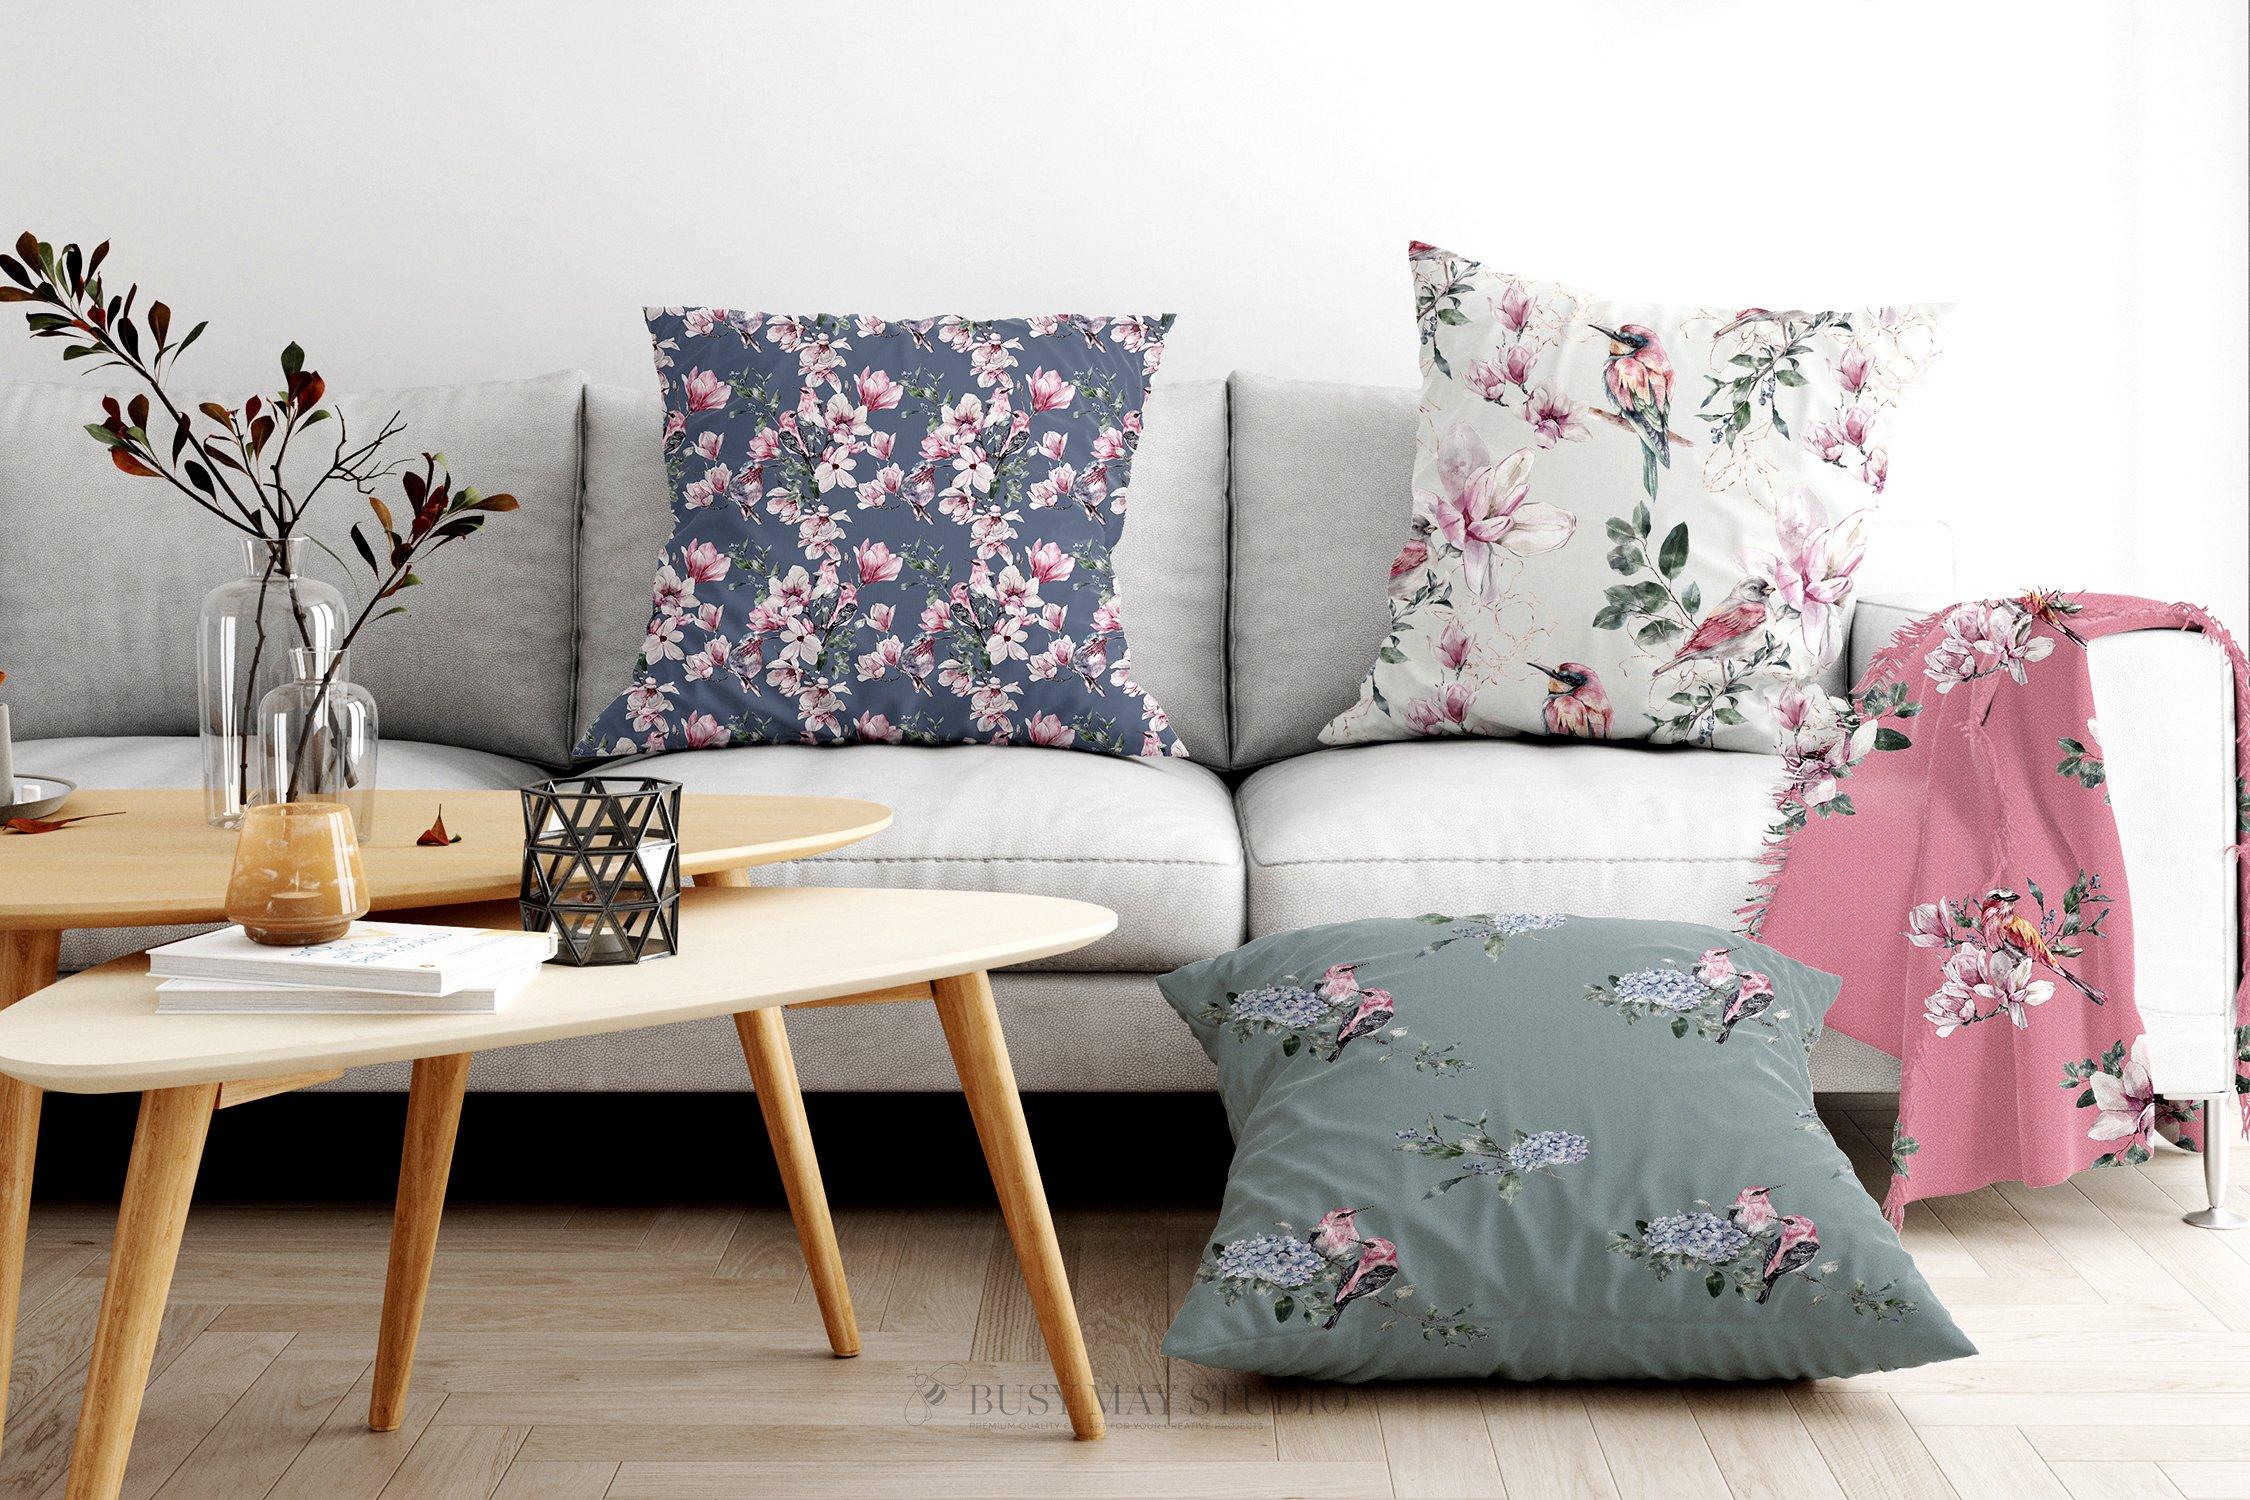 16款春天叶子花卉小鸟手绘水彩画图片设计素材 Spring Watercolor Seamless Patterns插图4